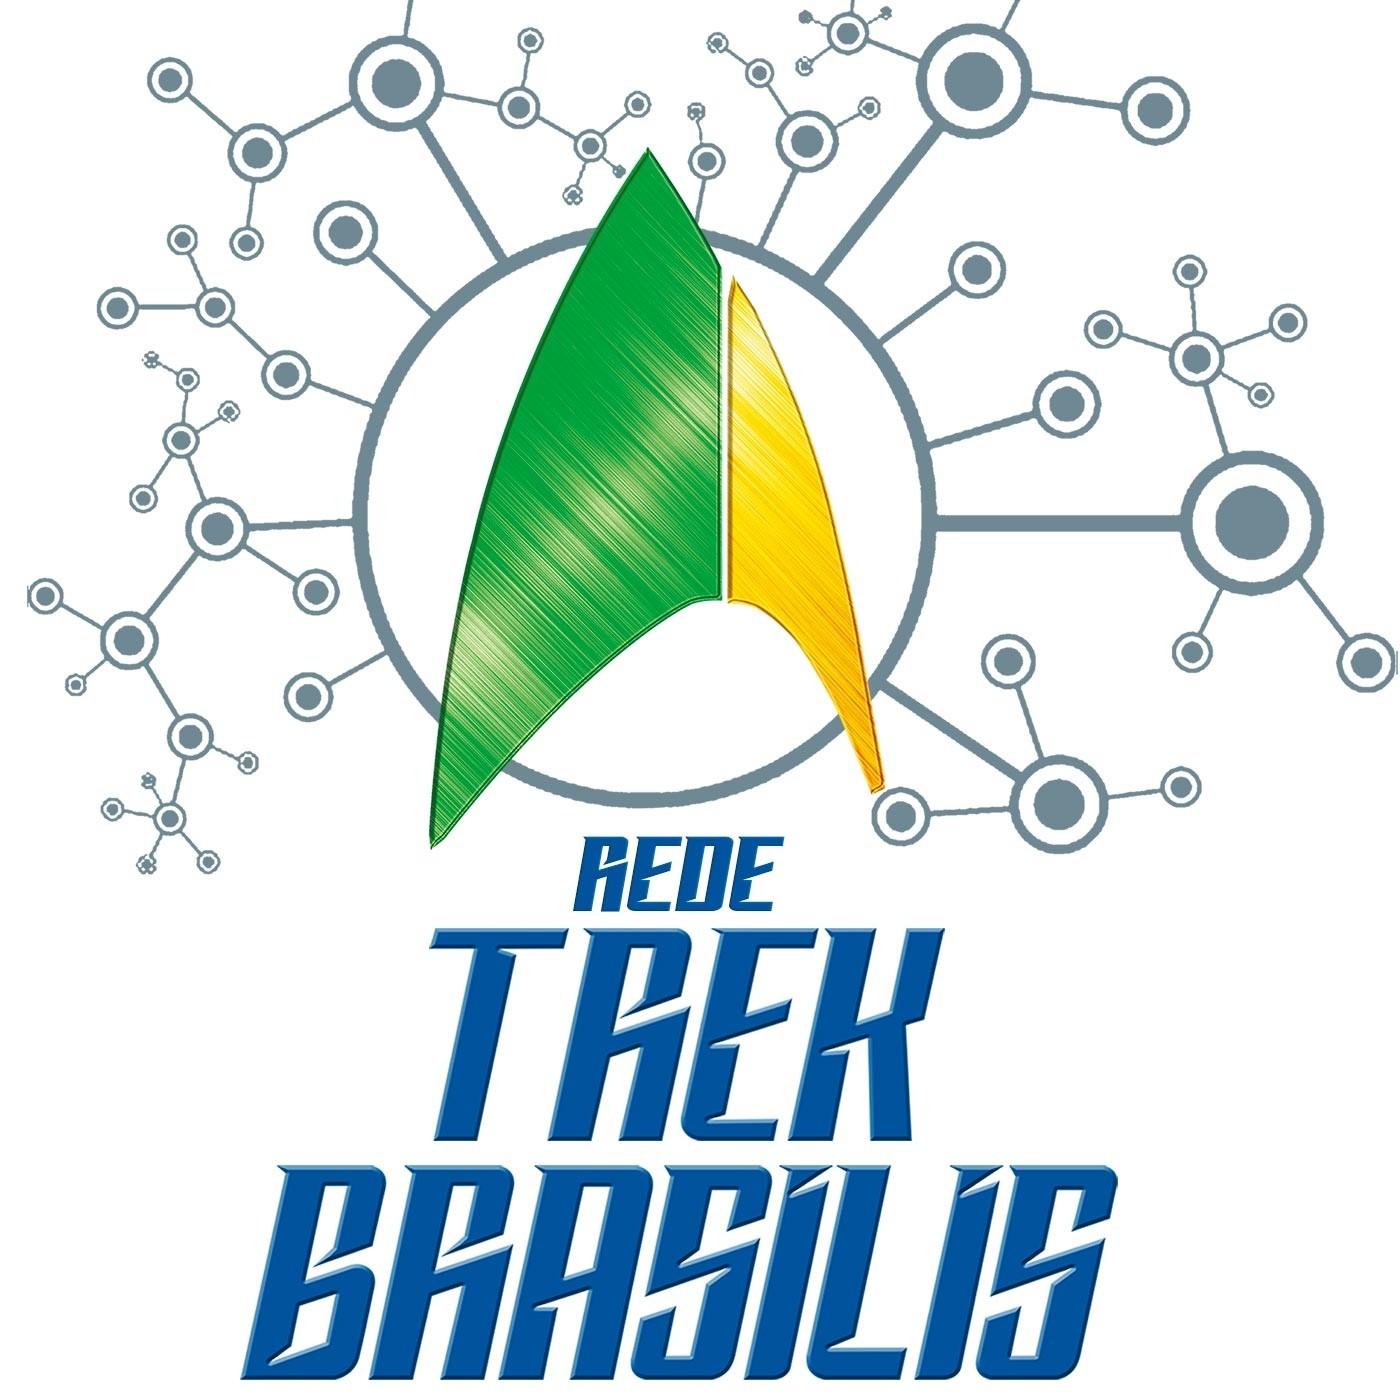 Rede Trek Brasilis